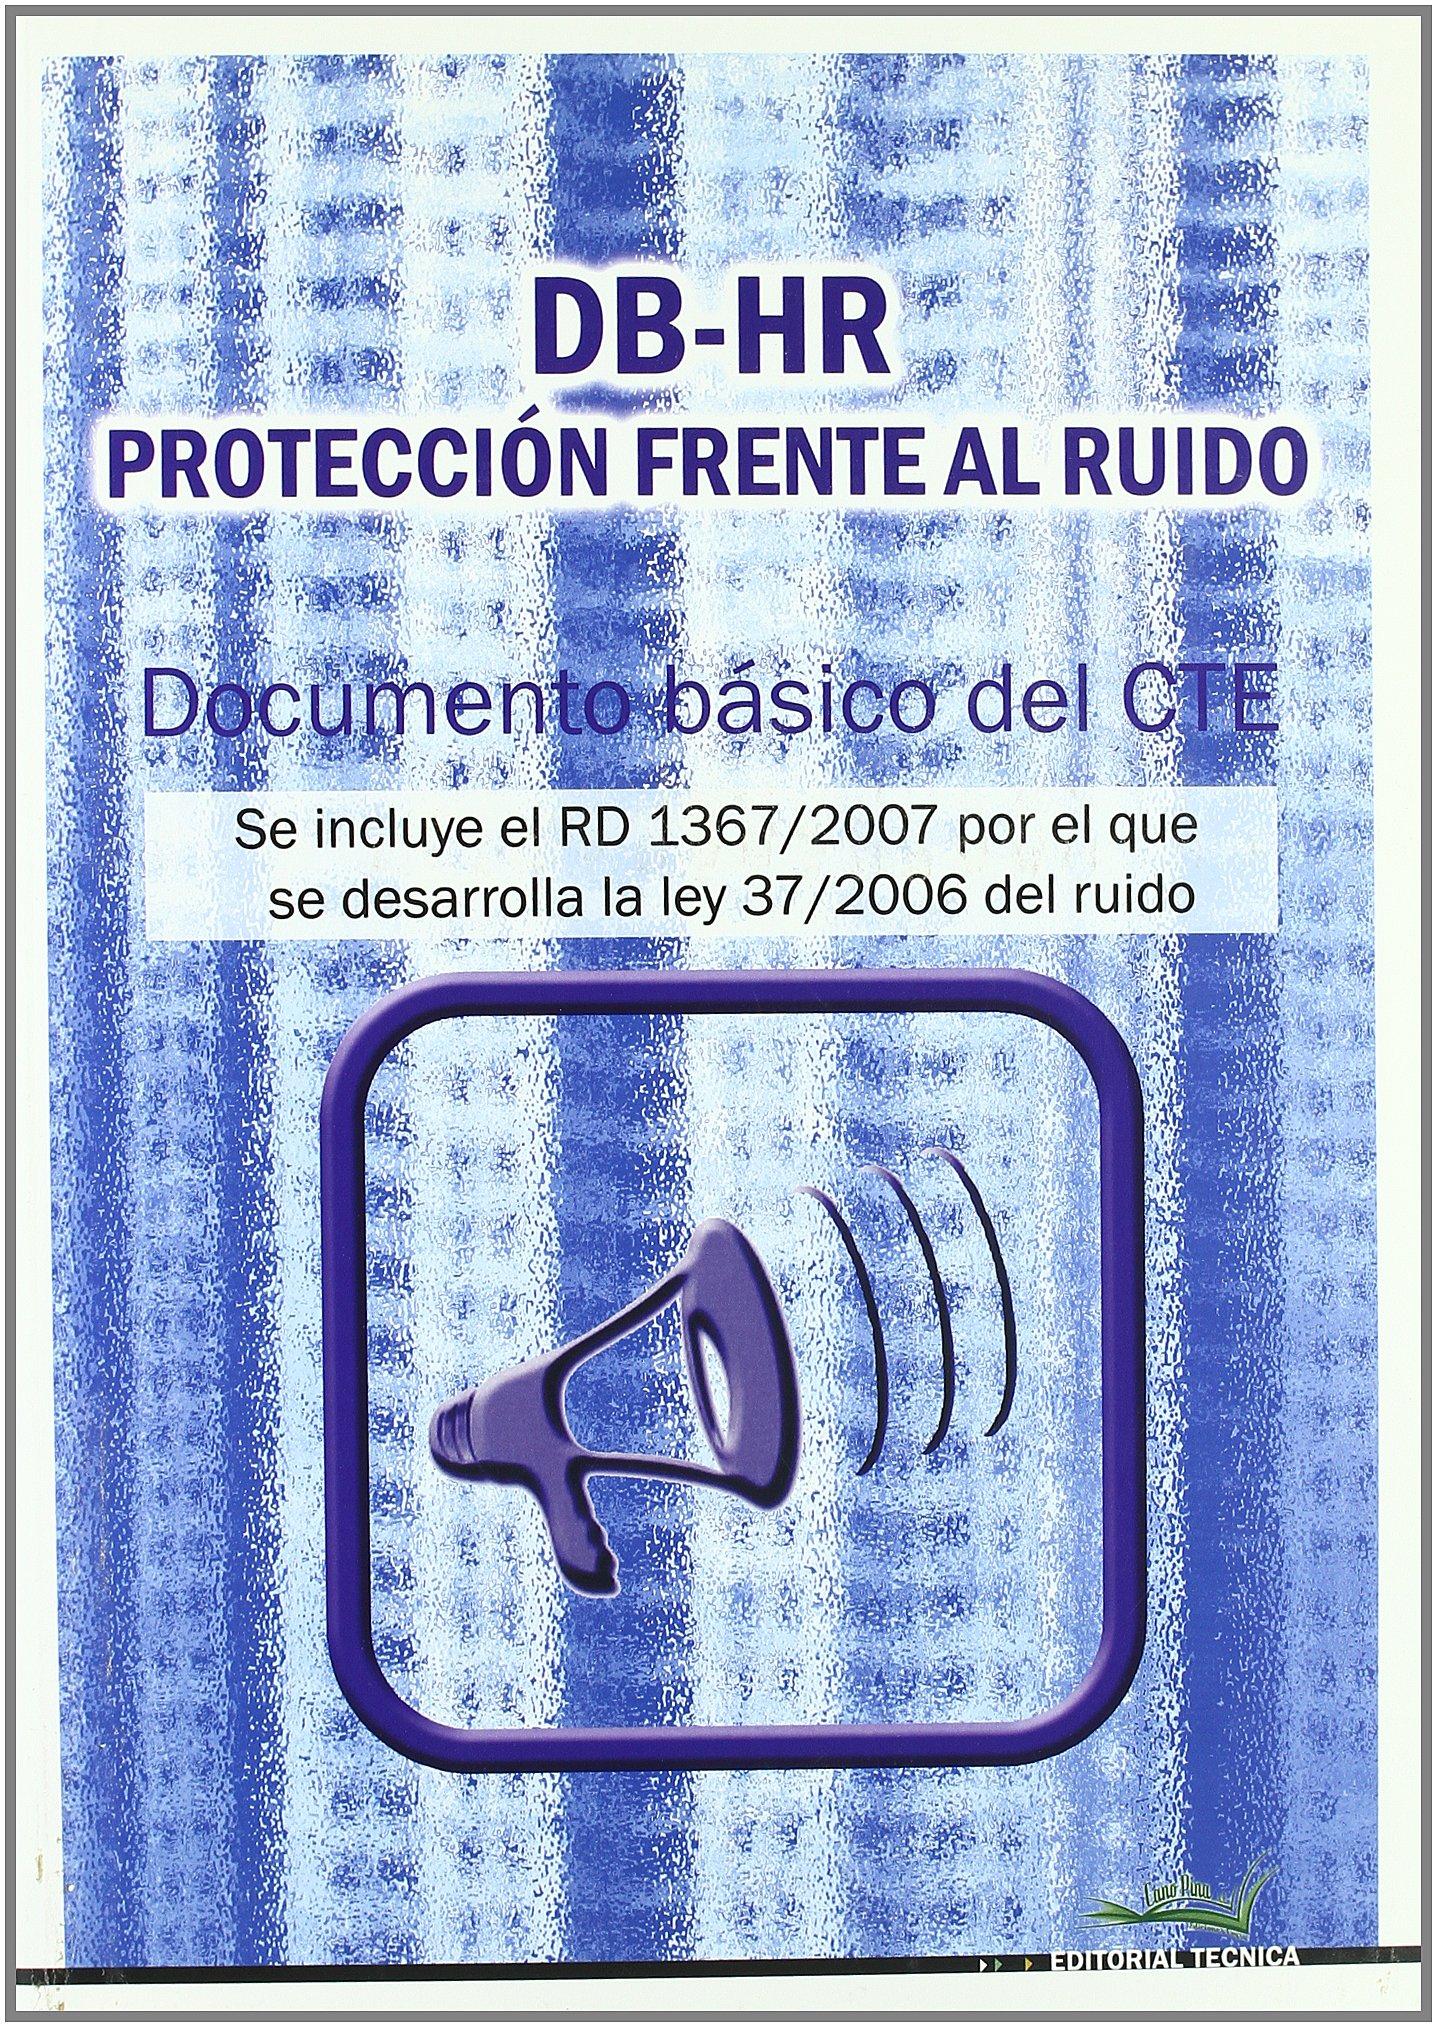 Db-hr proteccion frente al ruido - documento basico del cte